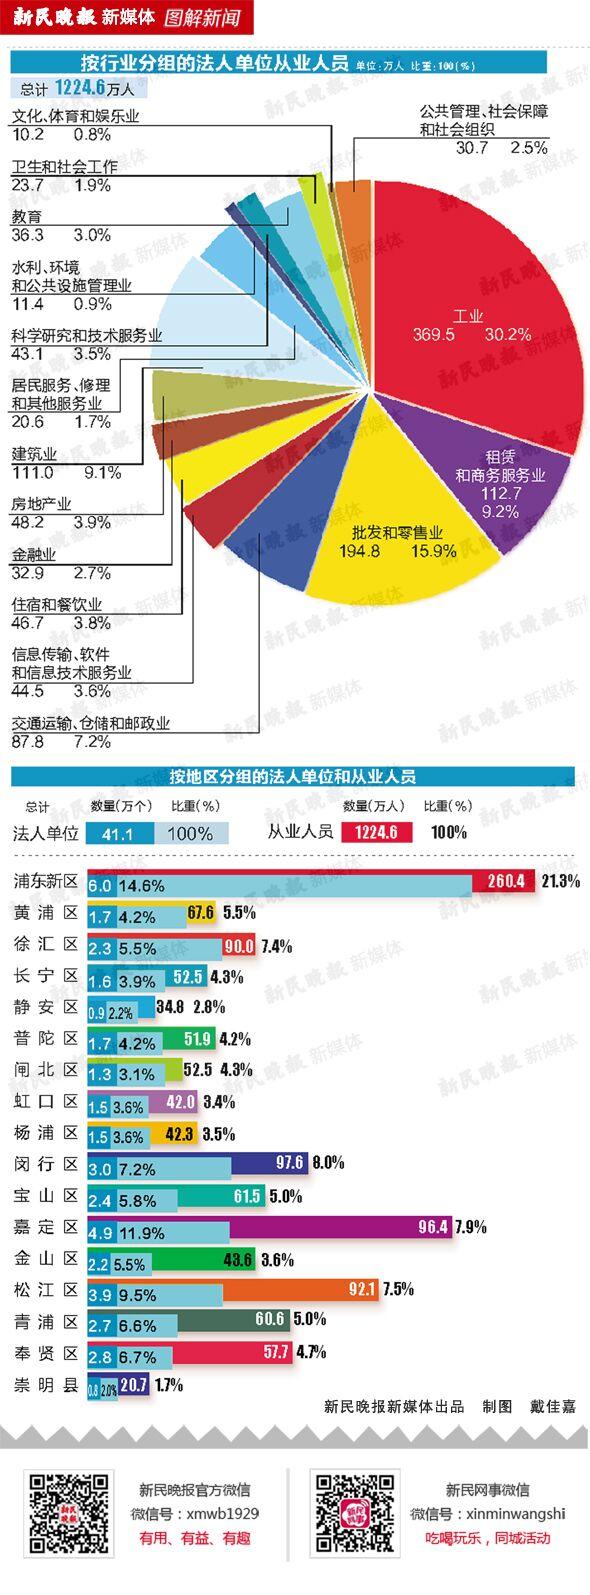 图解上海市第三次经济普查主要数据